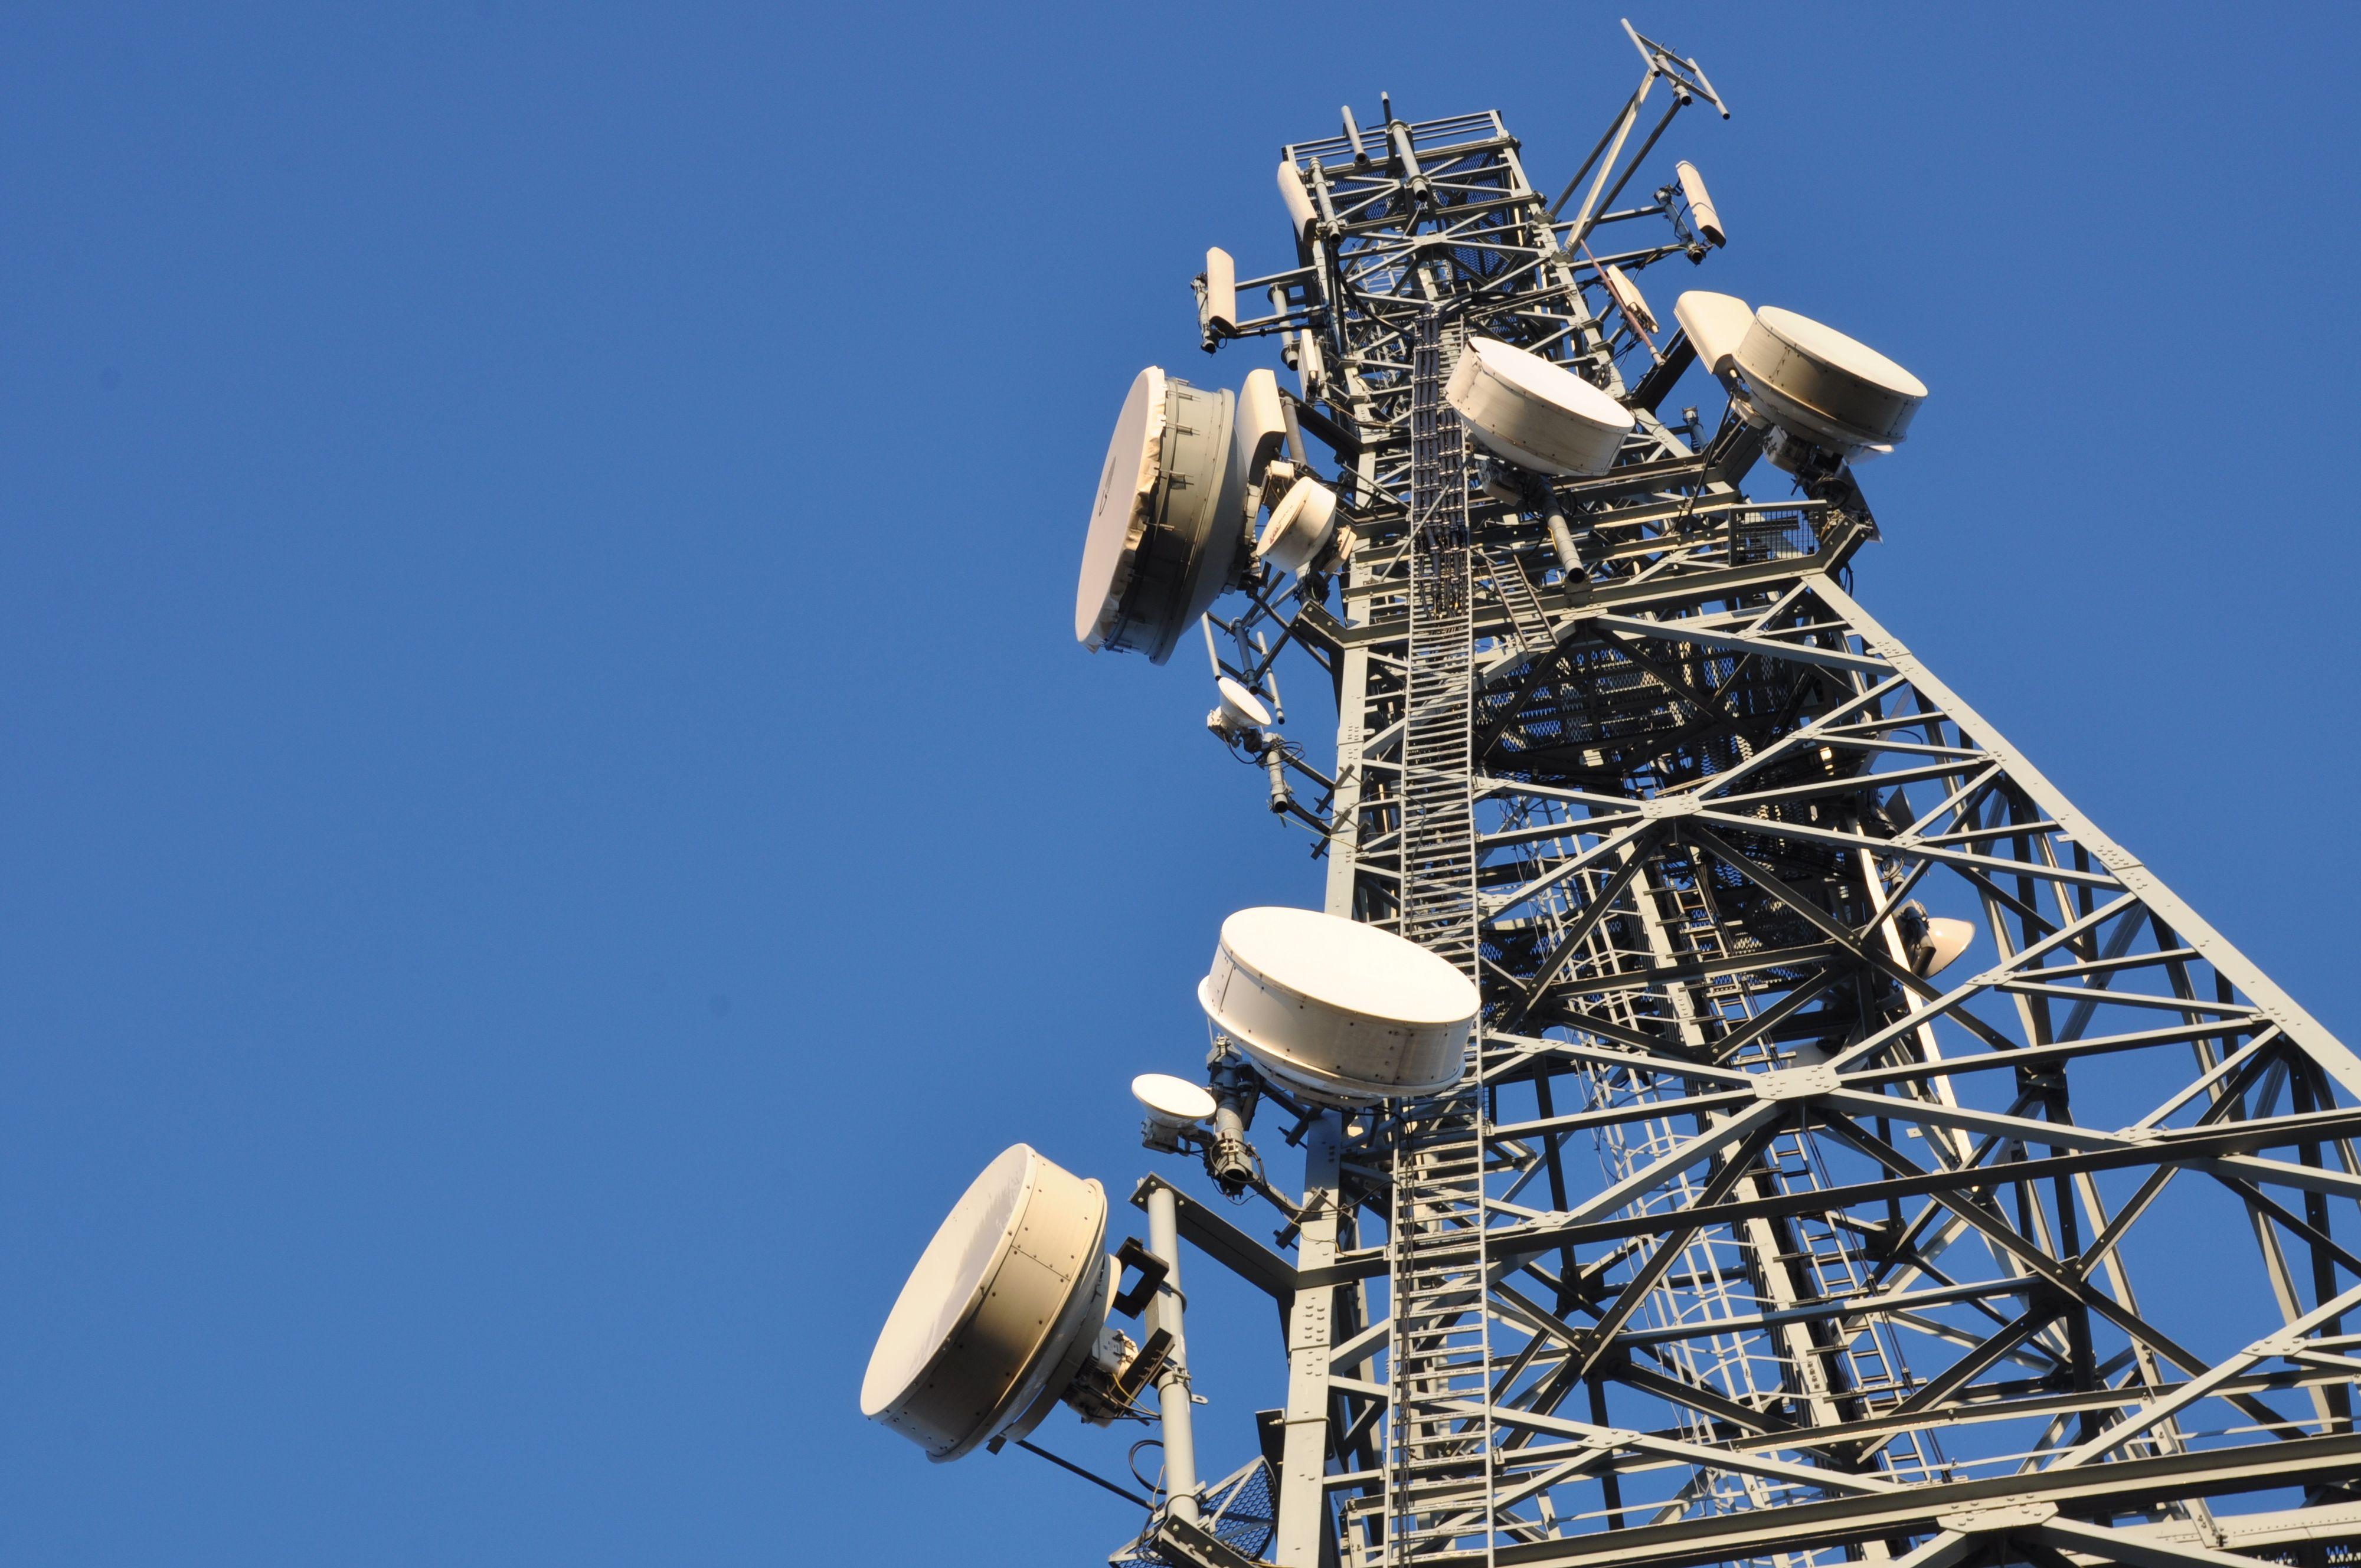 Mange antenner må moderniseres før DAB-netter er helt klart. Foto: Shutterstock